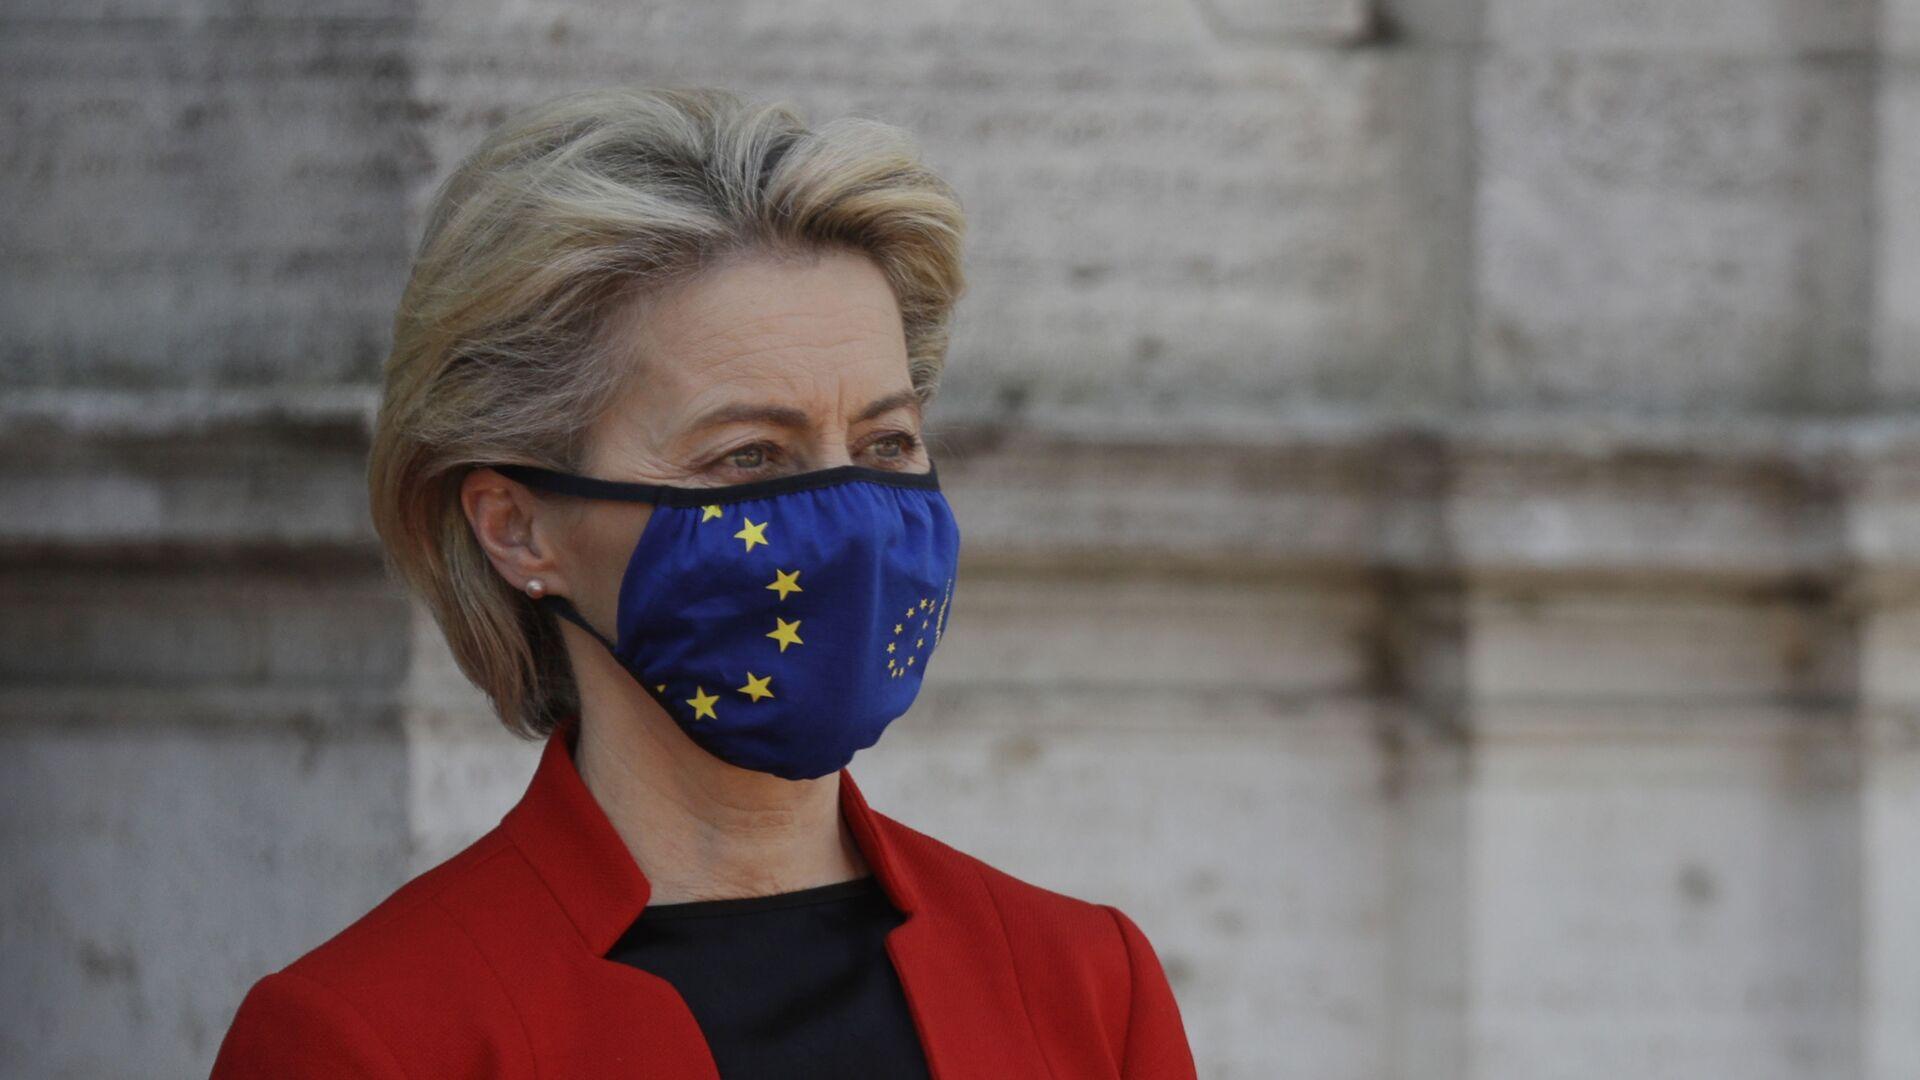 Předsedkyně Evropské komise Ursula von der Leyenová - Sputnik Česká republika, 1920, 06.09.2021